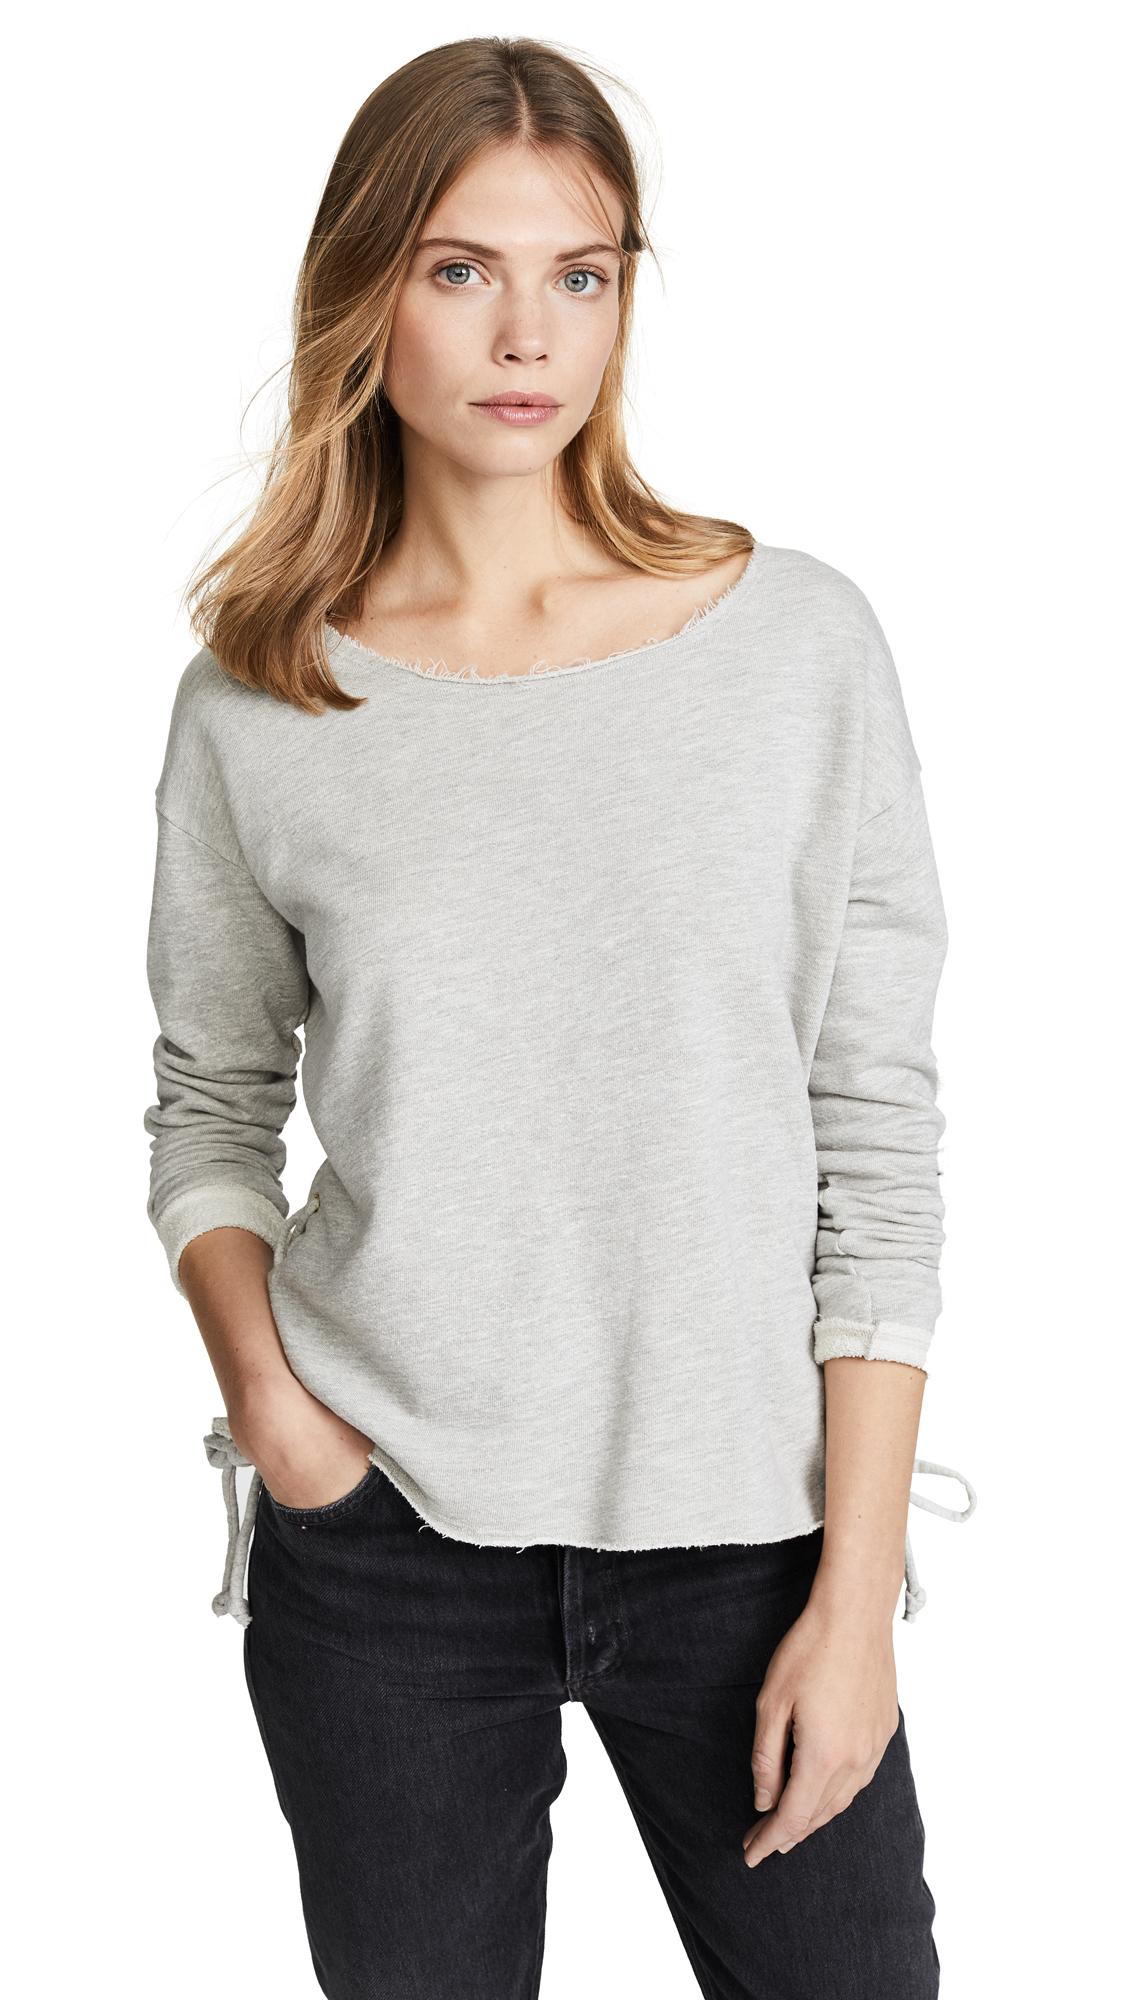 SUNDRY Lace Up Sweatshirt